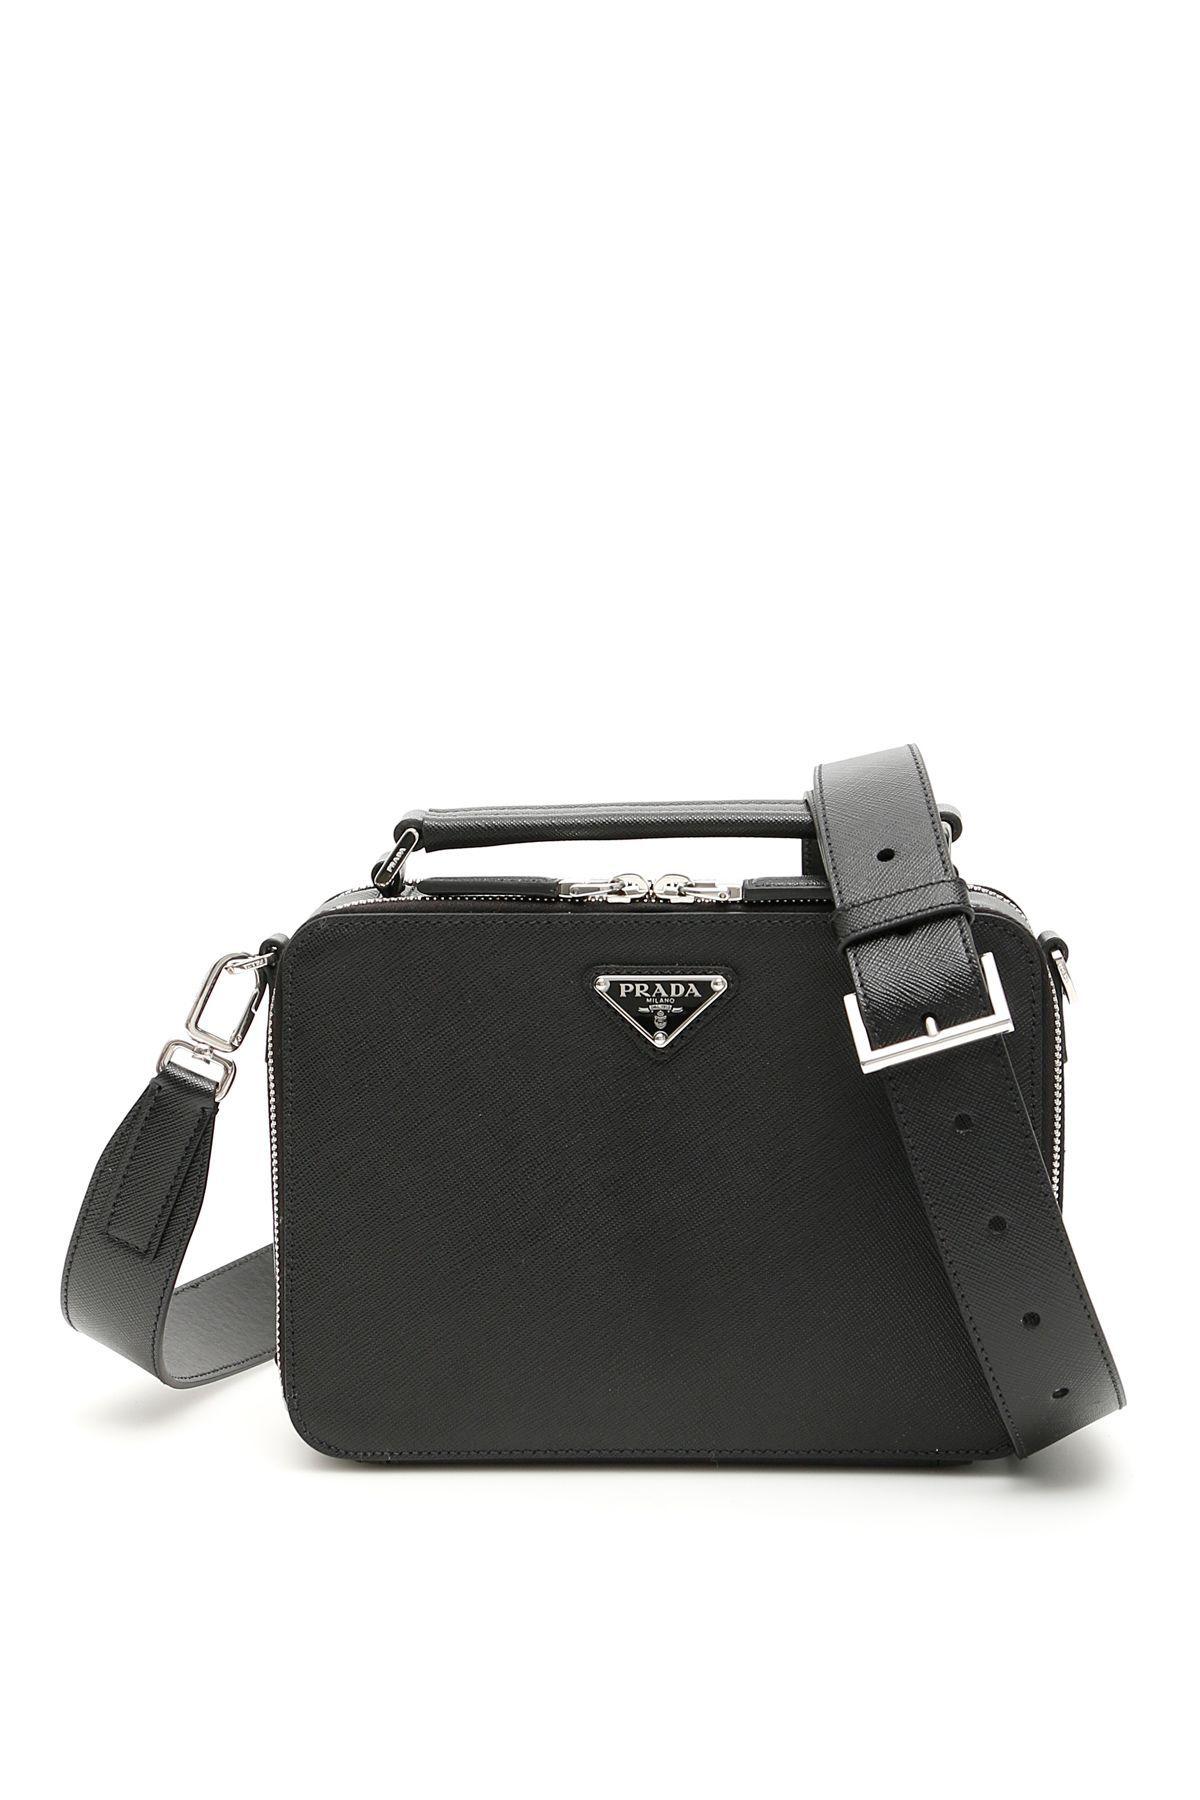 920633ab1c0e PRADA BRIQUE BAG. #prada #bags #shoulder bags #hand bags #lining ...